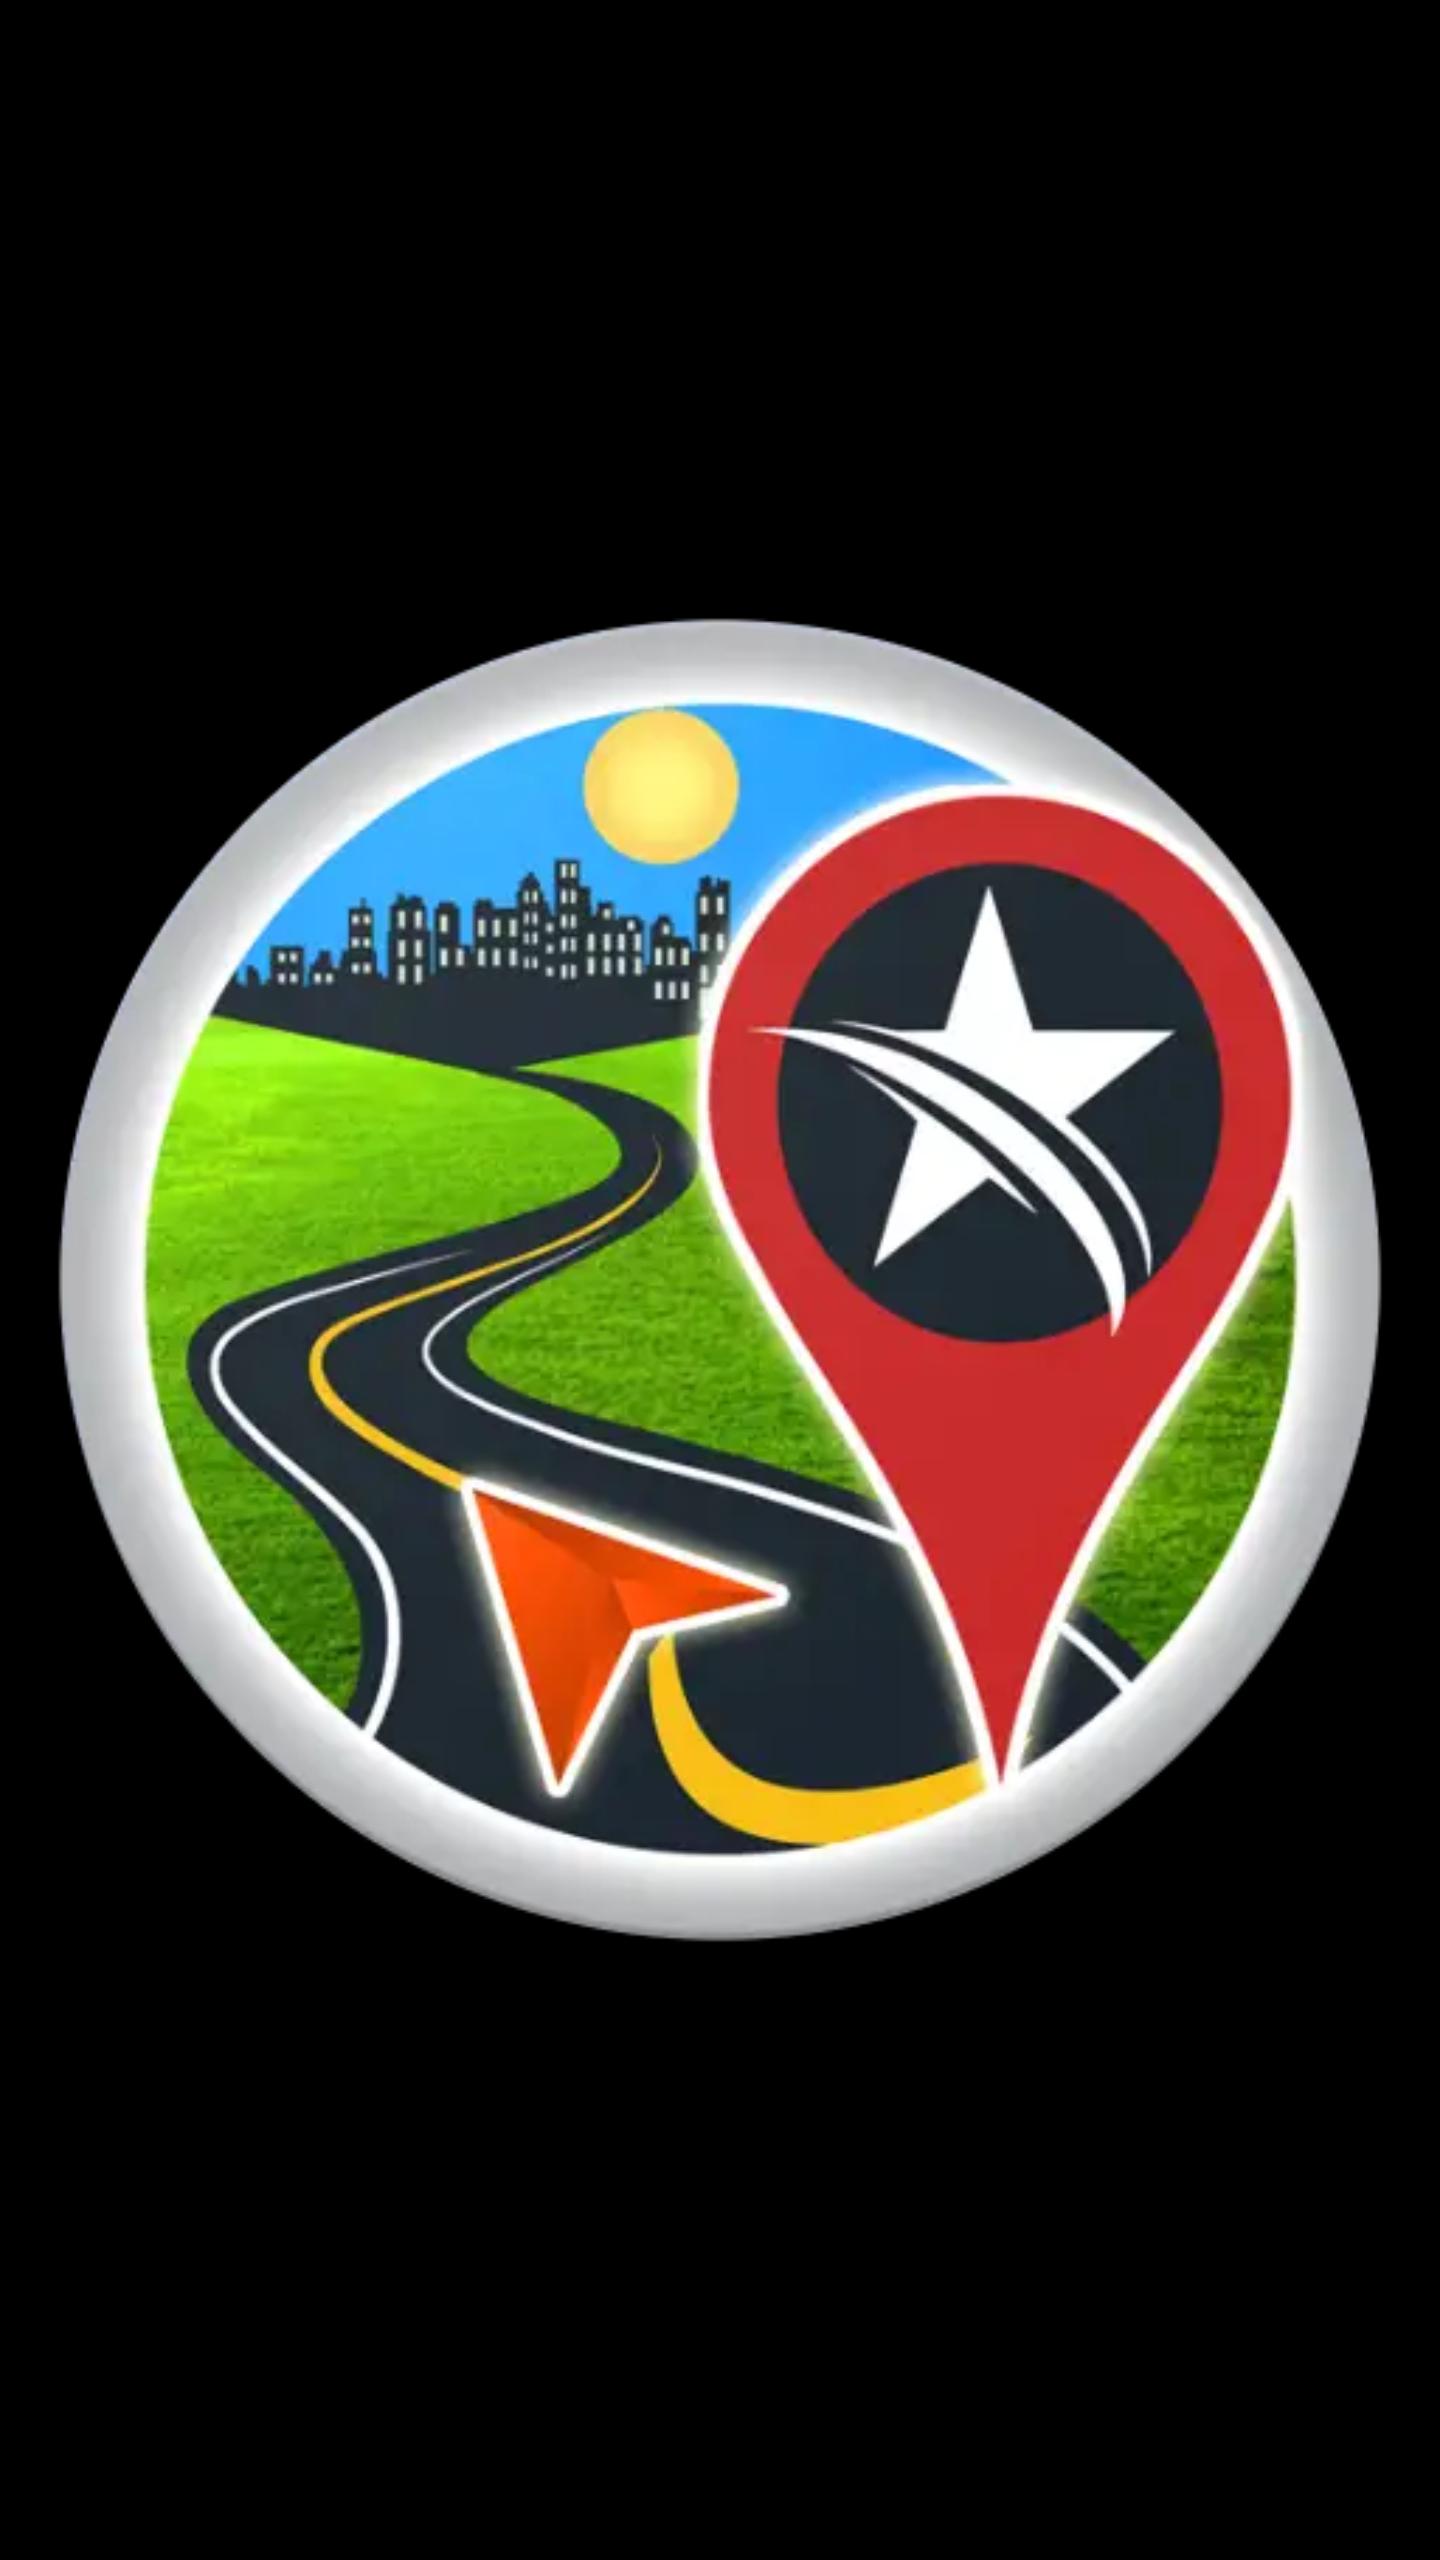 Navigator PRO - GPS Navigation with Offline Maps(android) nu tijdelijk gratis  anders 8,99 @googleplay